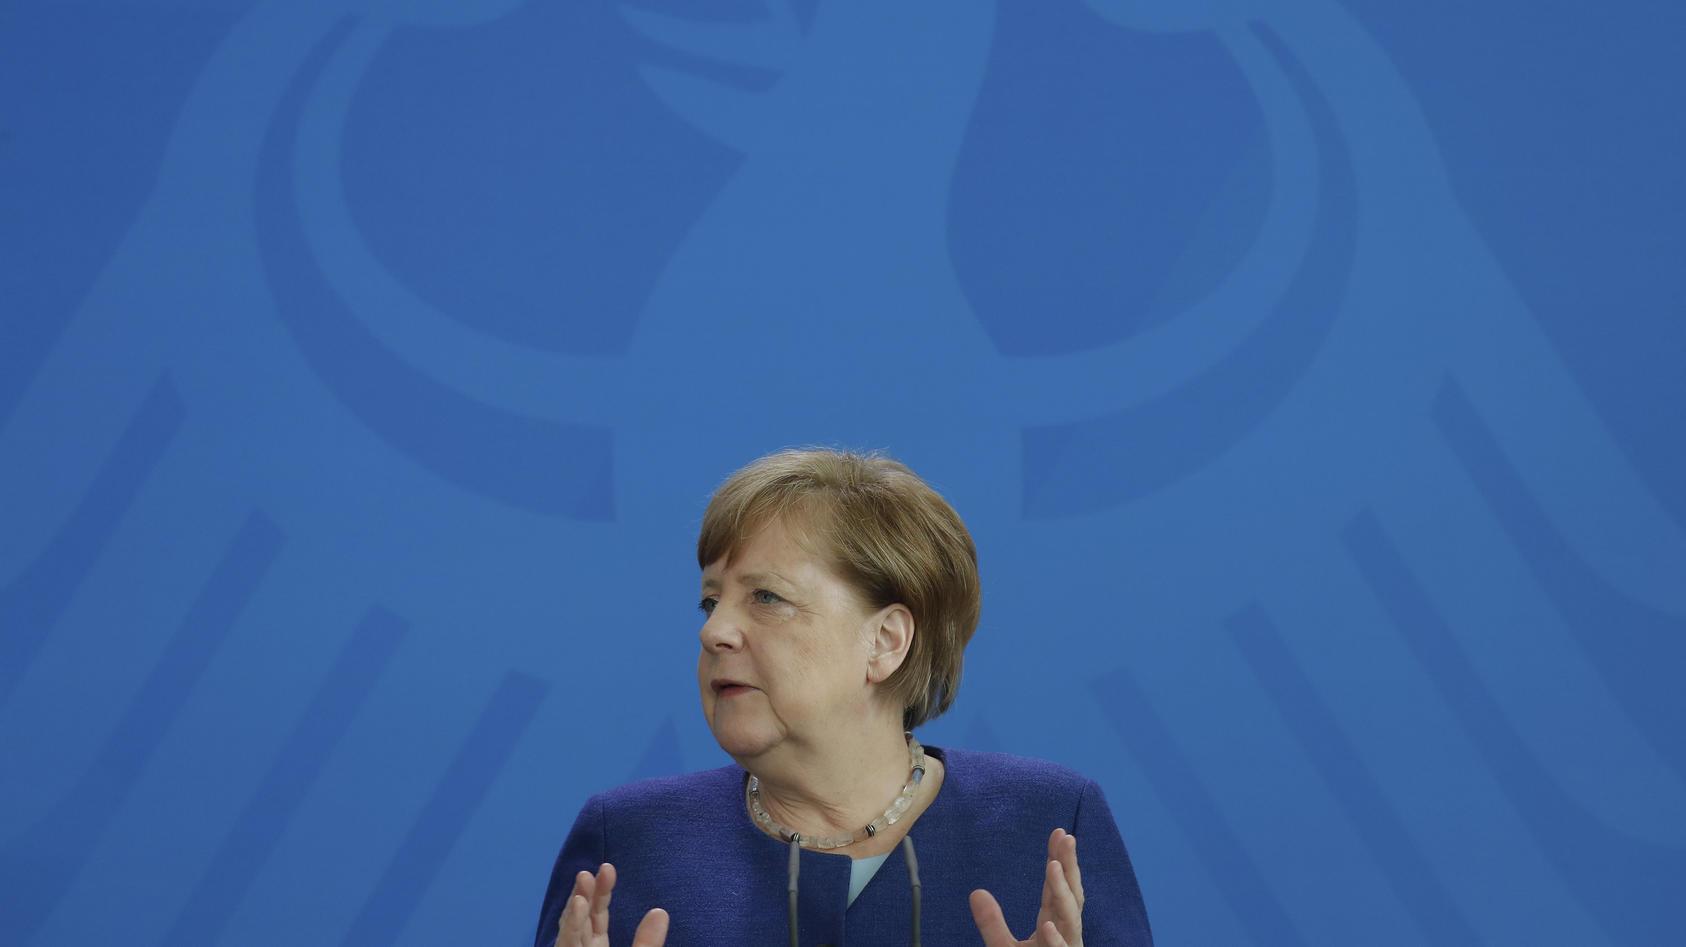 Bundeskanzlerin Angela Merkel spricht während einer Pressekonferenz nach einer Videokonferenz mit den Vorsitzenden internationaler Wirtschafts- und Finanzorganisationen.